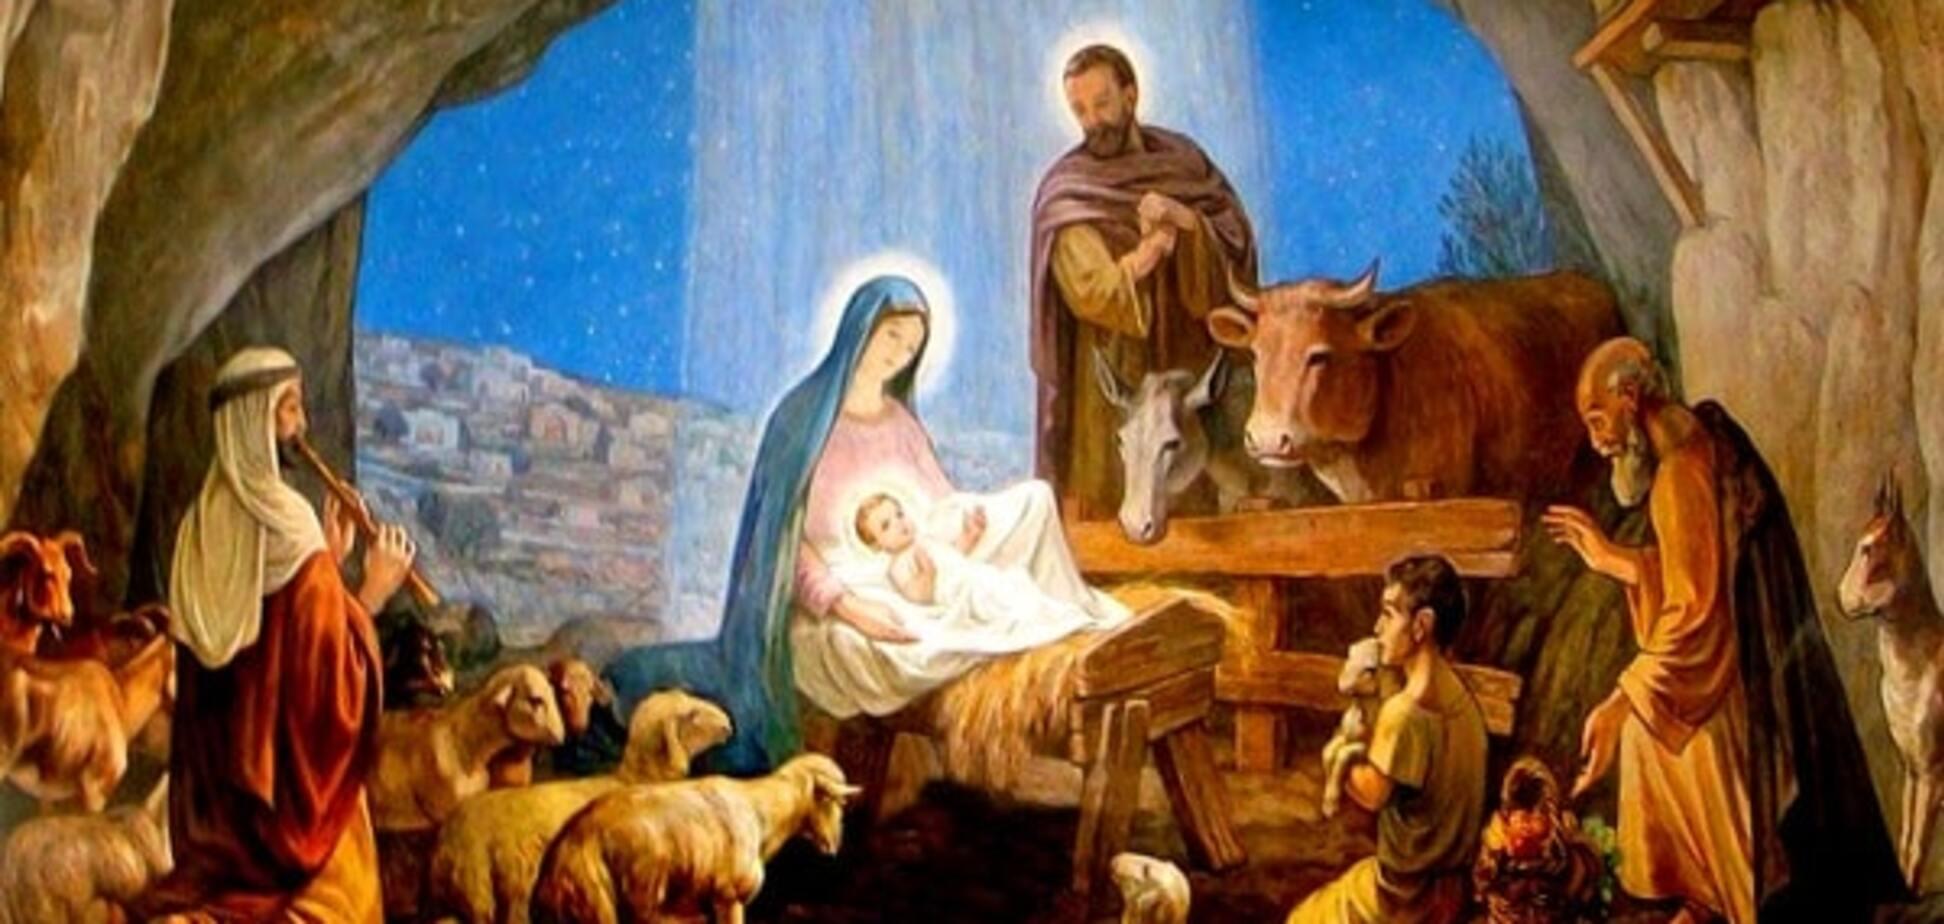 Святкувати Різдво і Великдень в один день: експерт пояснив, чому це можливо